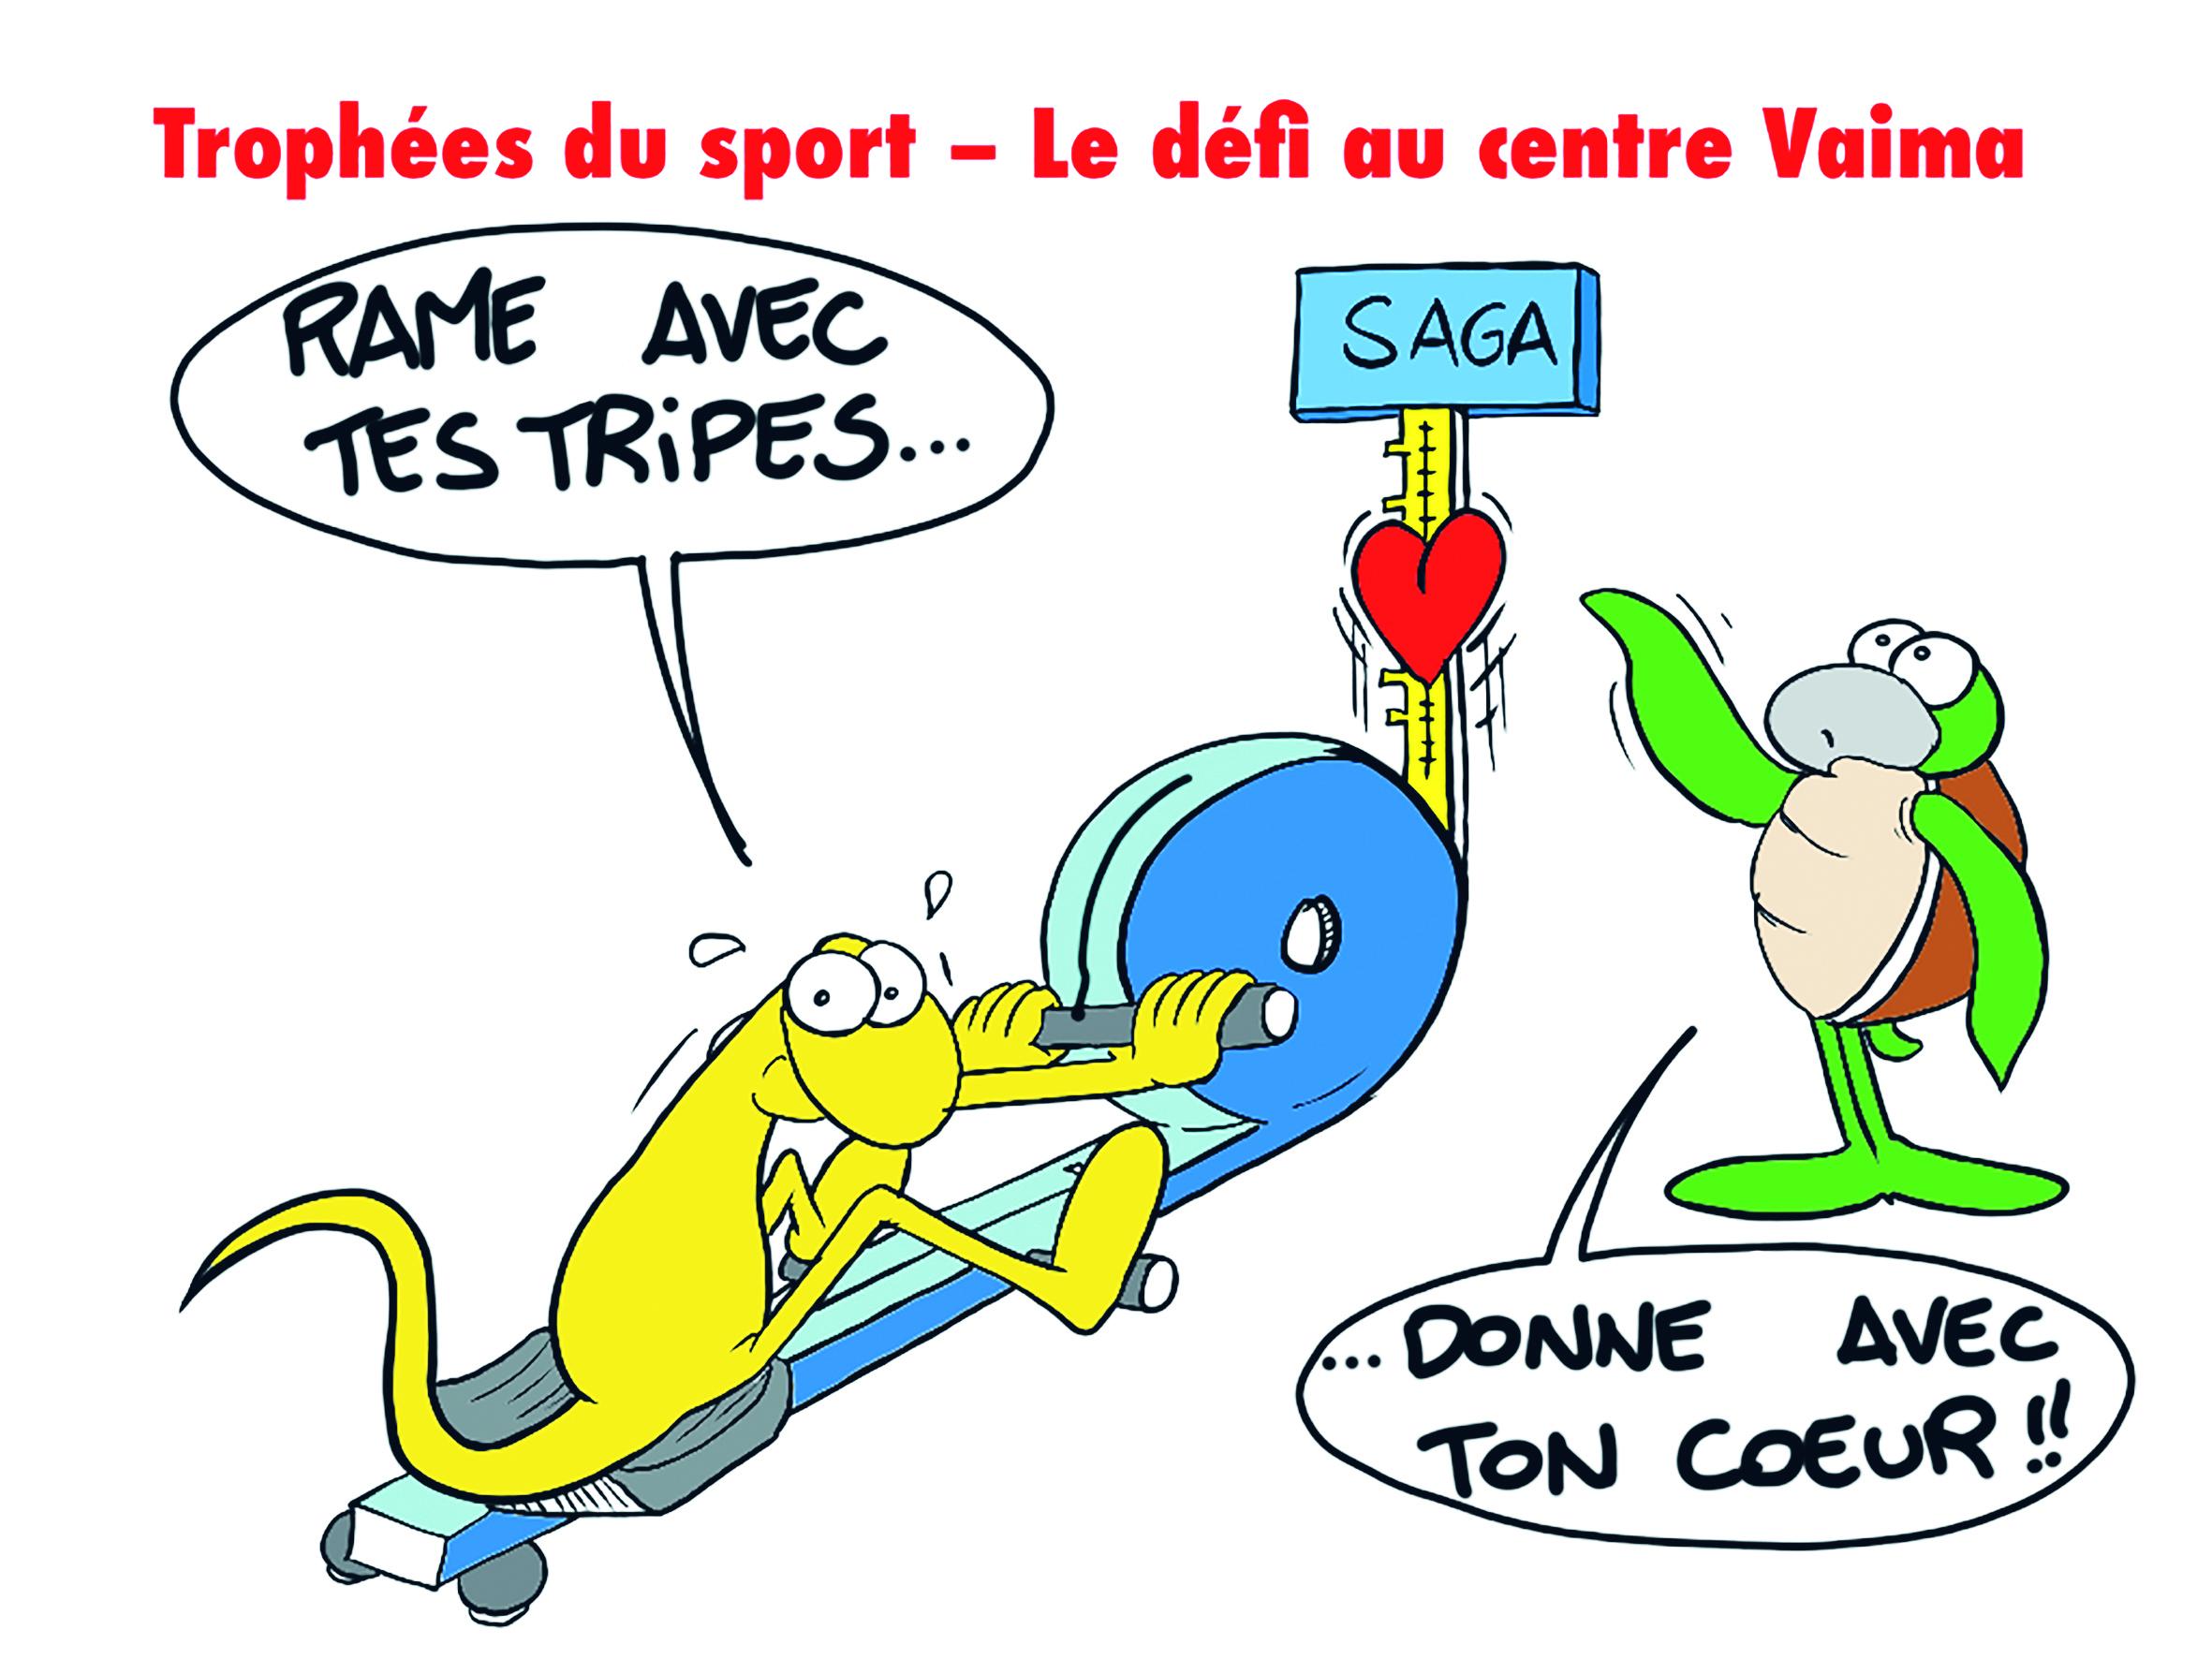 """"""" Trophées du sport : Défi rame avec ton coeur """" par Munoz"""